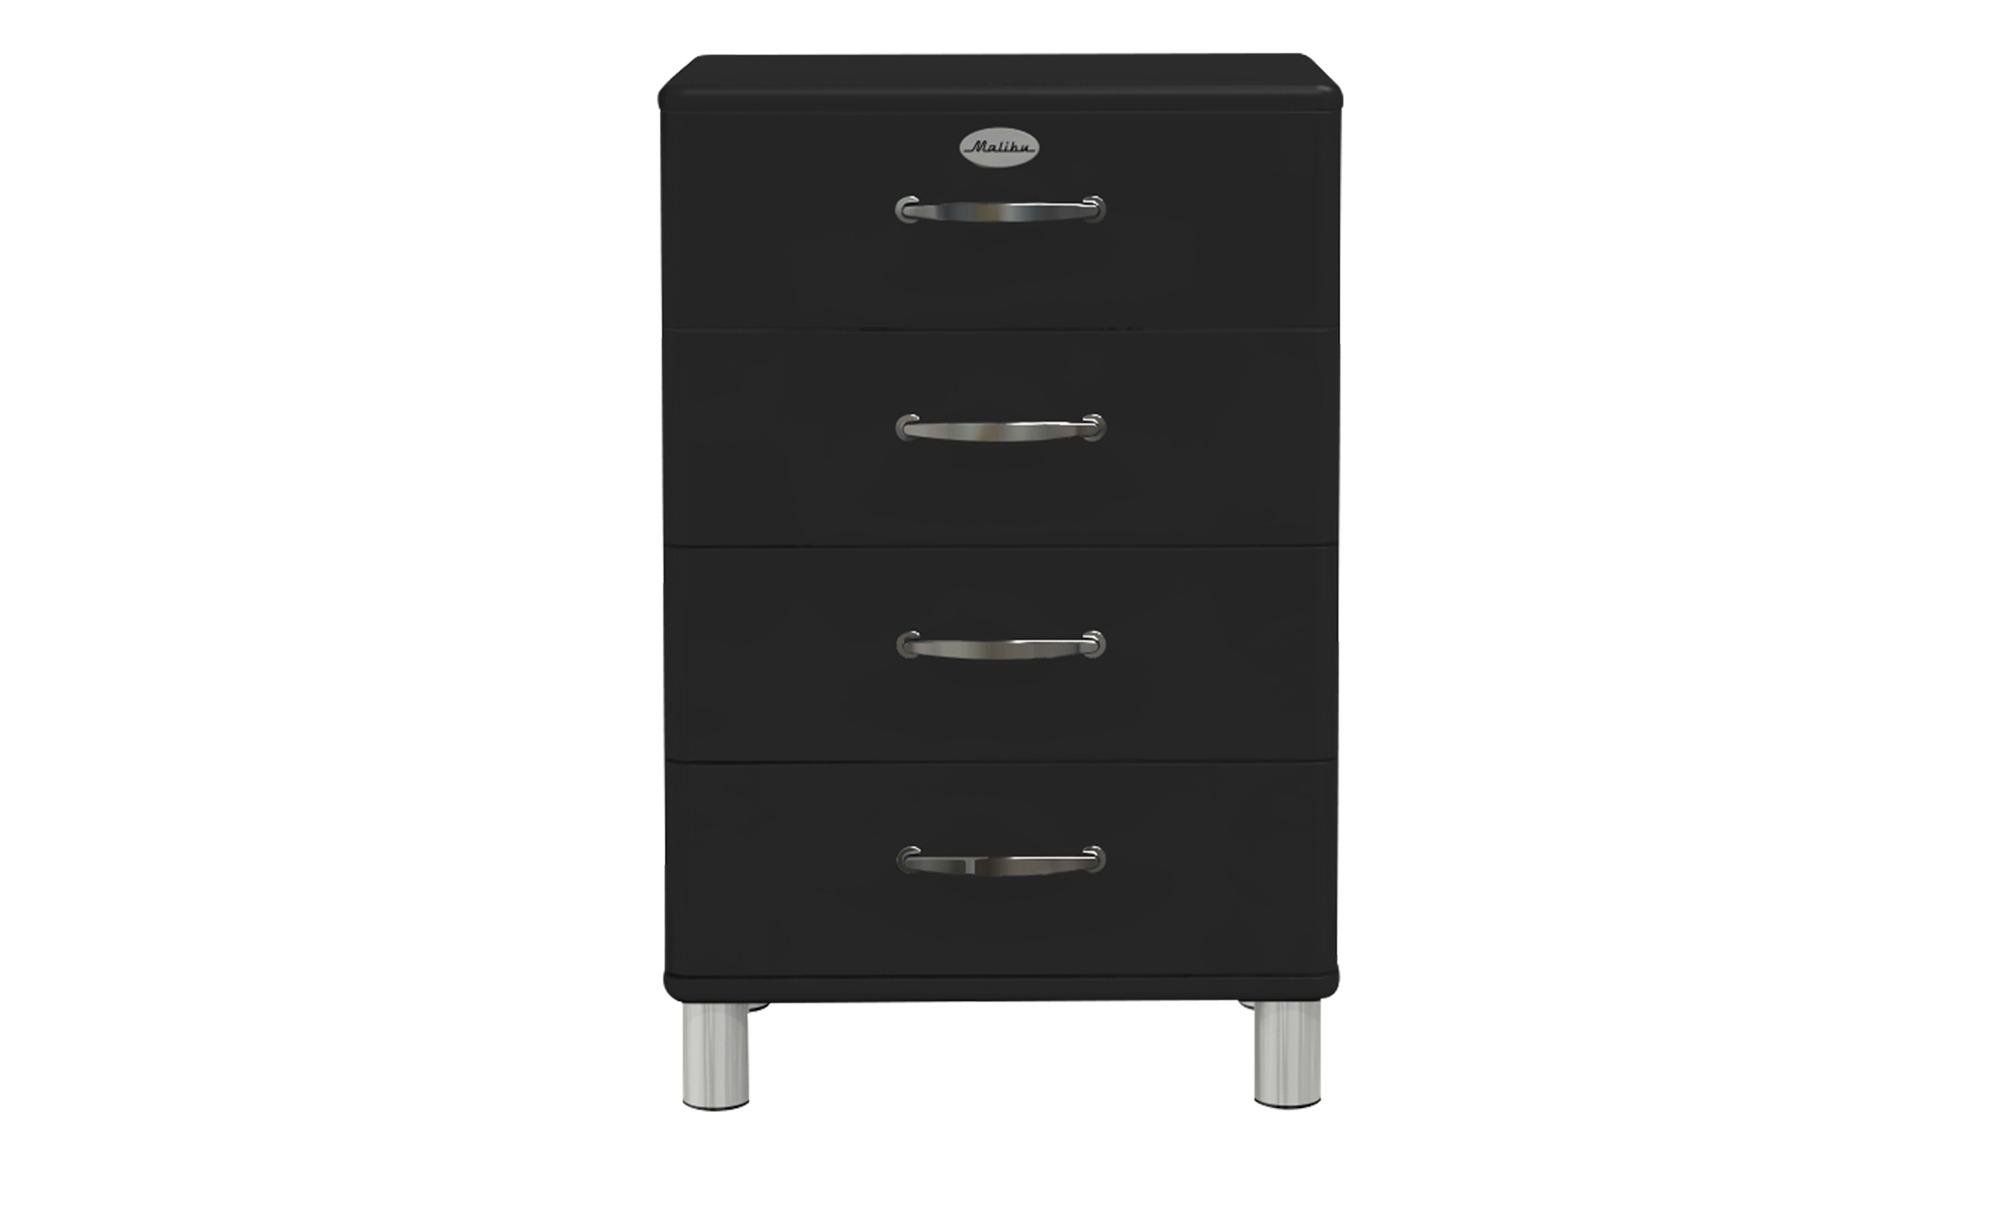 kommode malibu breite 60 cm h he 92 cm schwarz online kaufen bei woonio. Black Bedroom Furniture Sets. Home Design Ideas